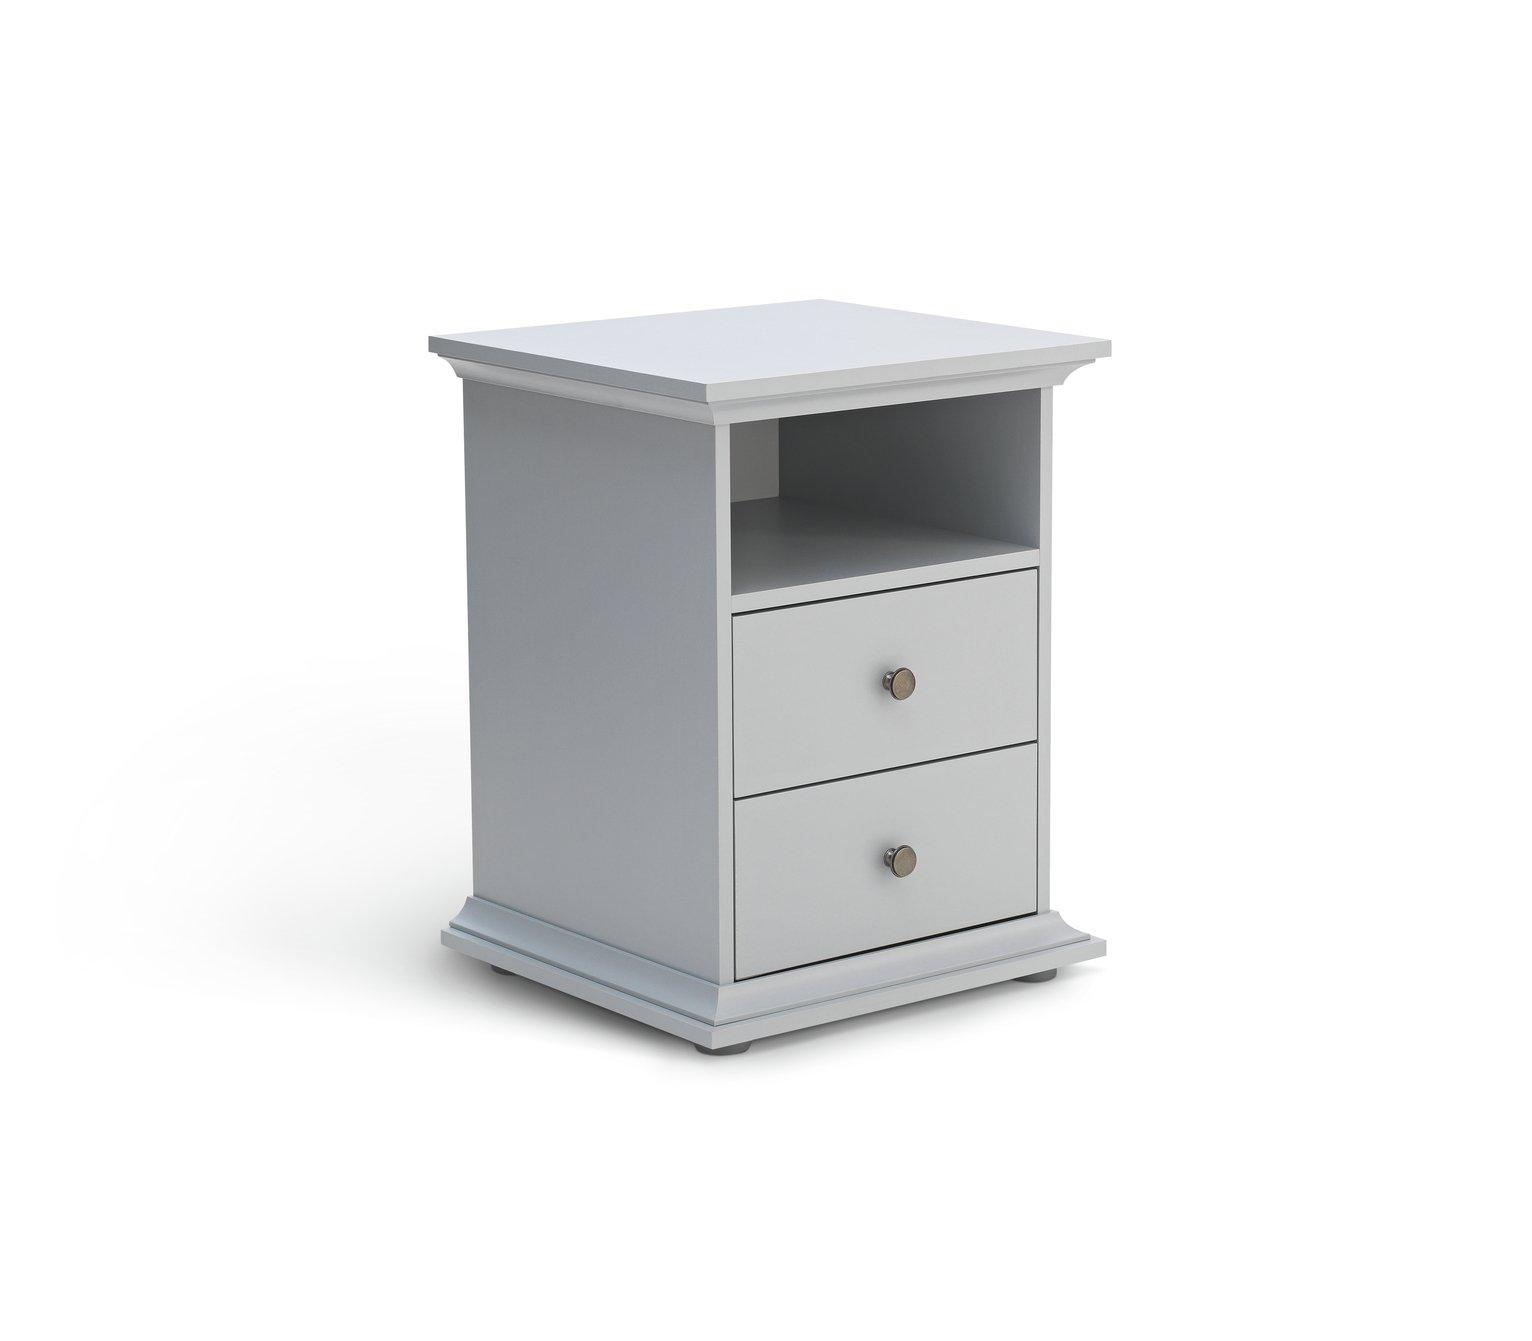 Parisot Heathland 2 Drawer Bedside Cabinet